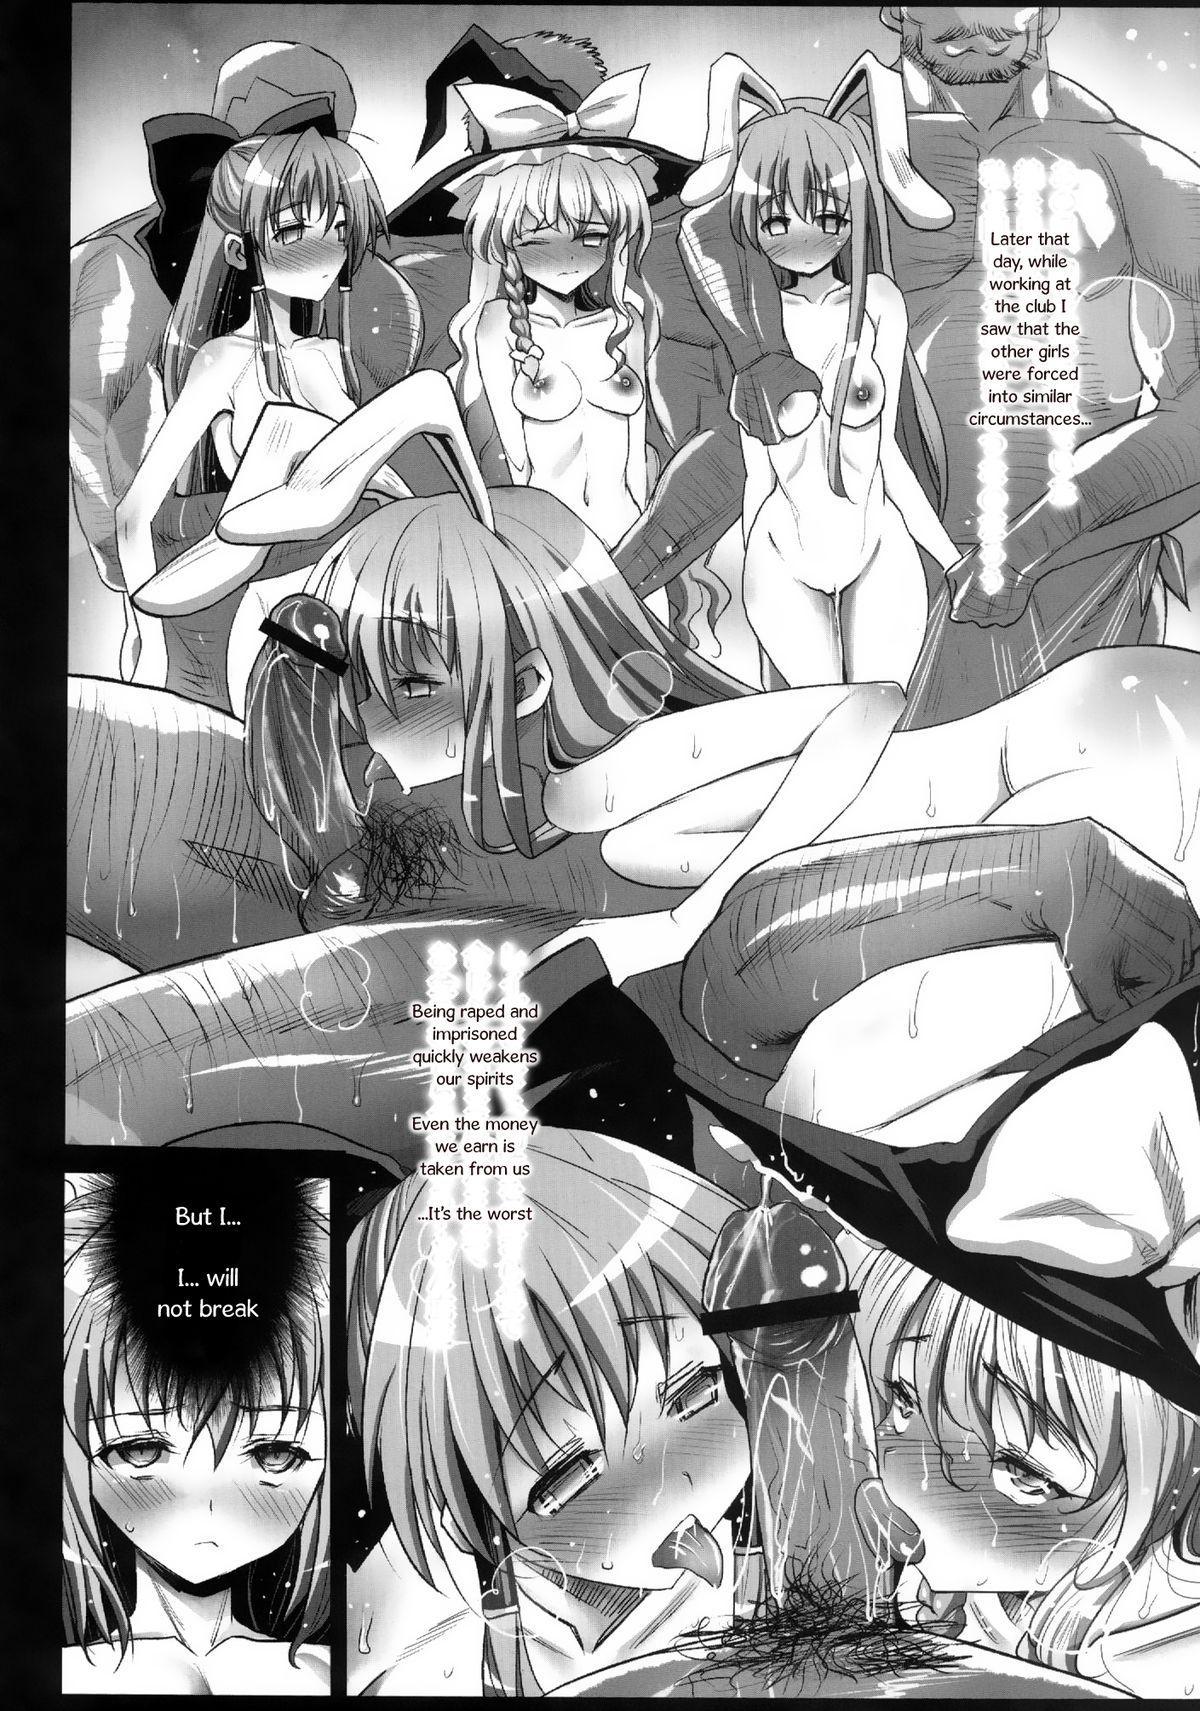 Ibara kasen, Soap ni Shizumu. | Kasen Ibaraki, Sinks into SOAP. 25